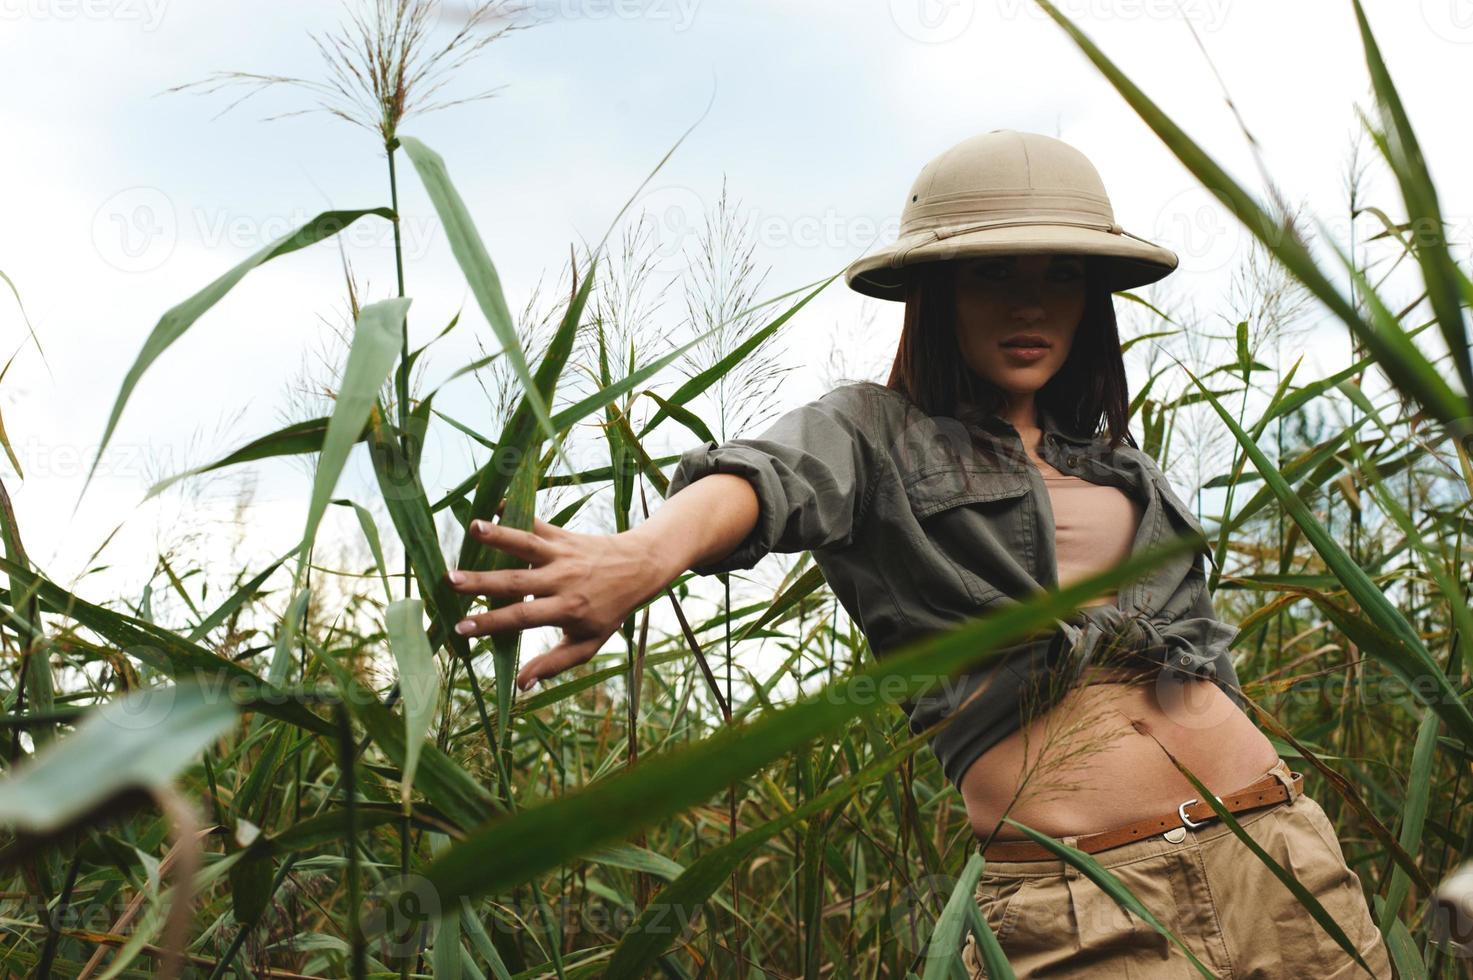 femme safari dans les marais photo